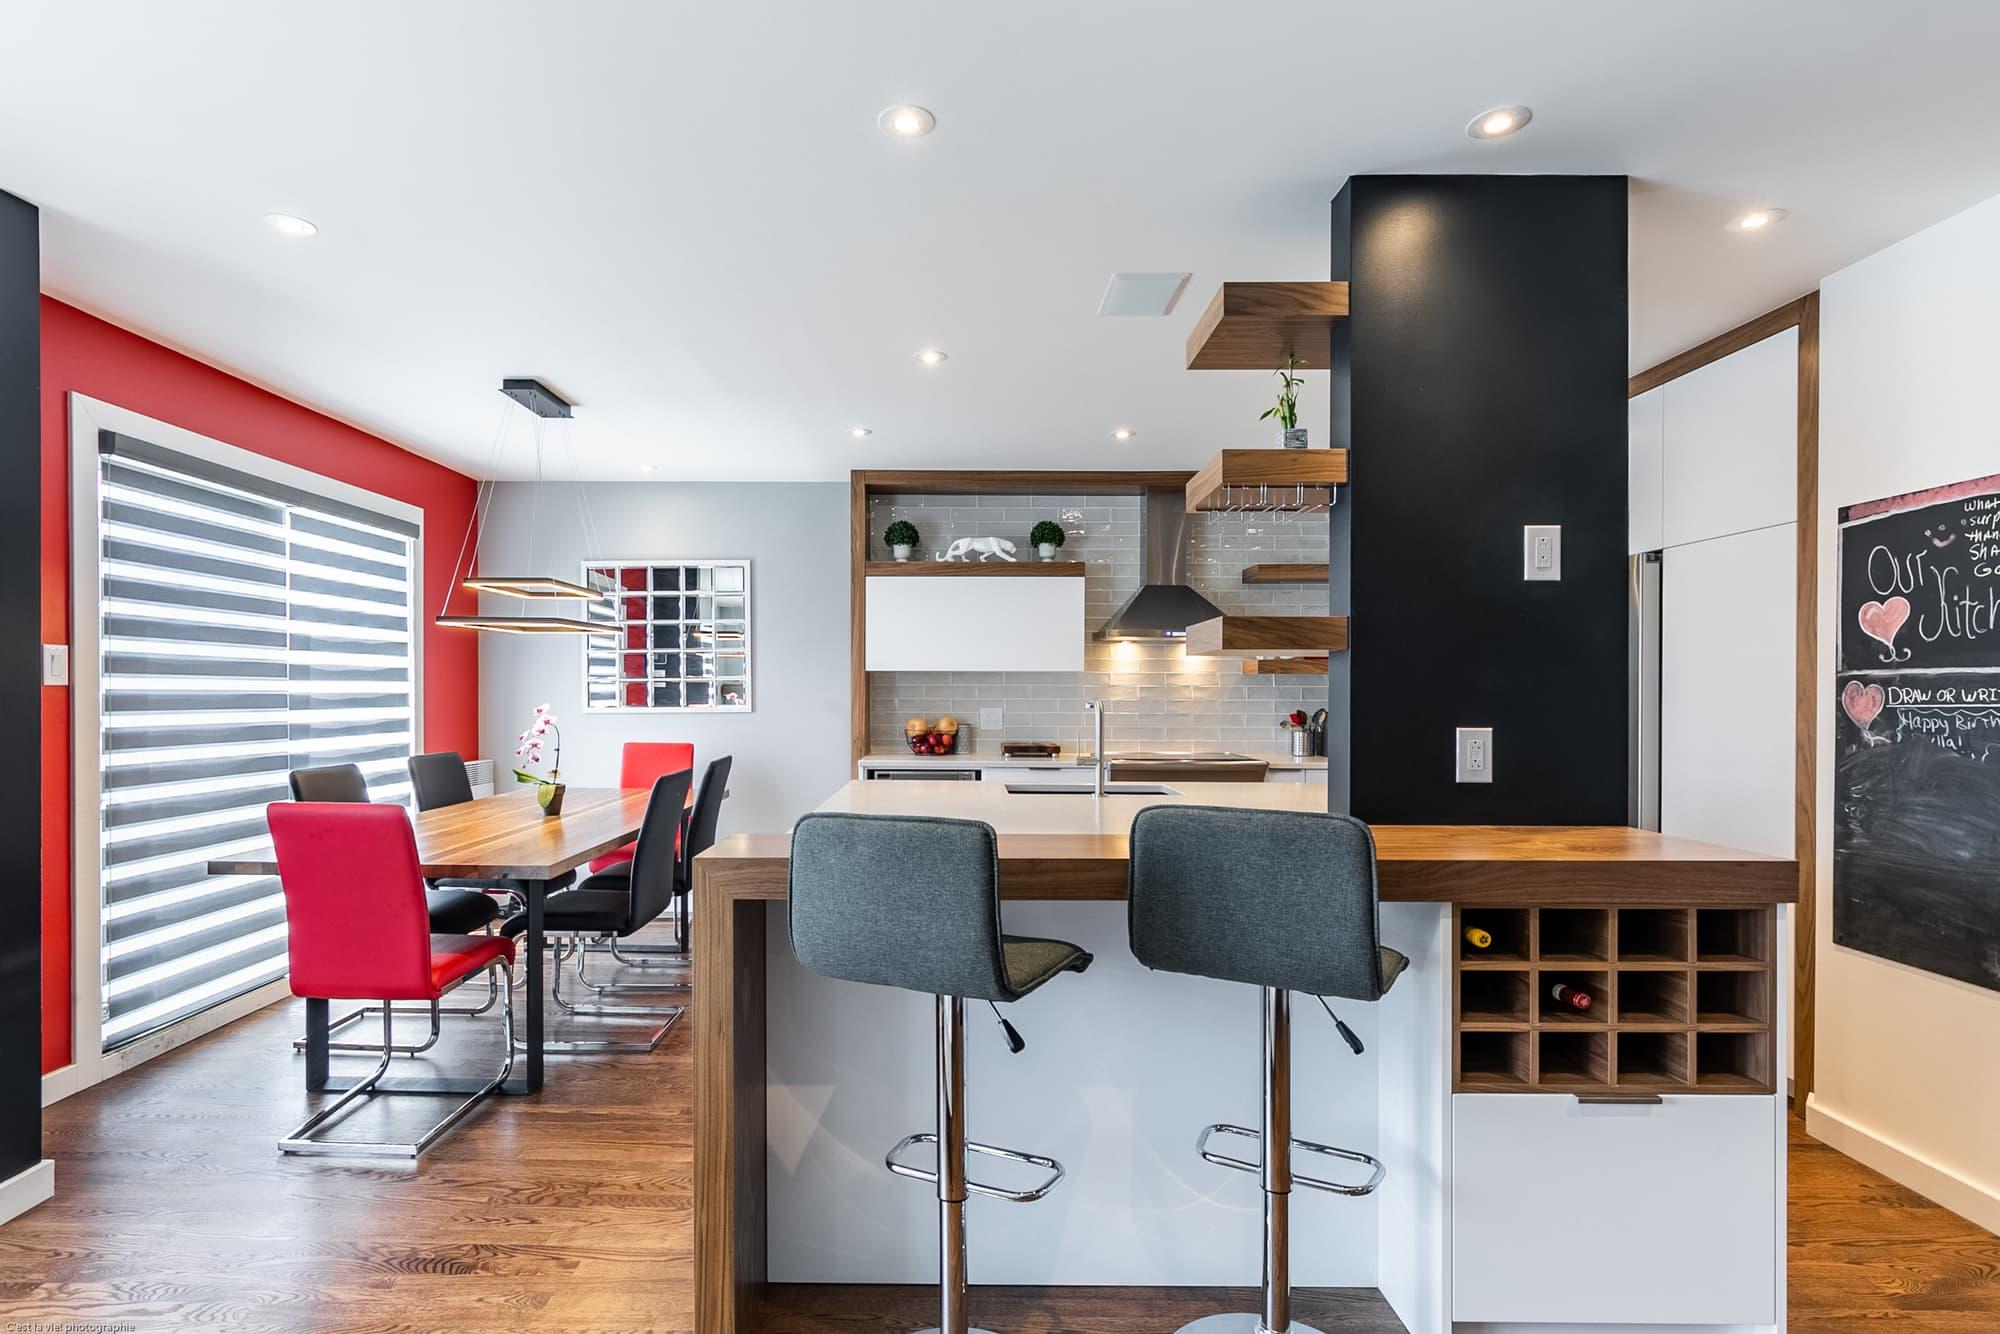 rénovation de cuisine de style moderne avec mur rouge dans la salle à manger